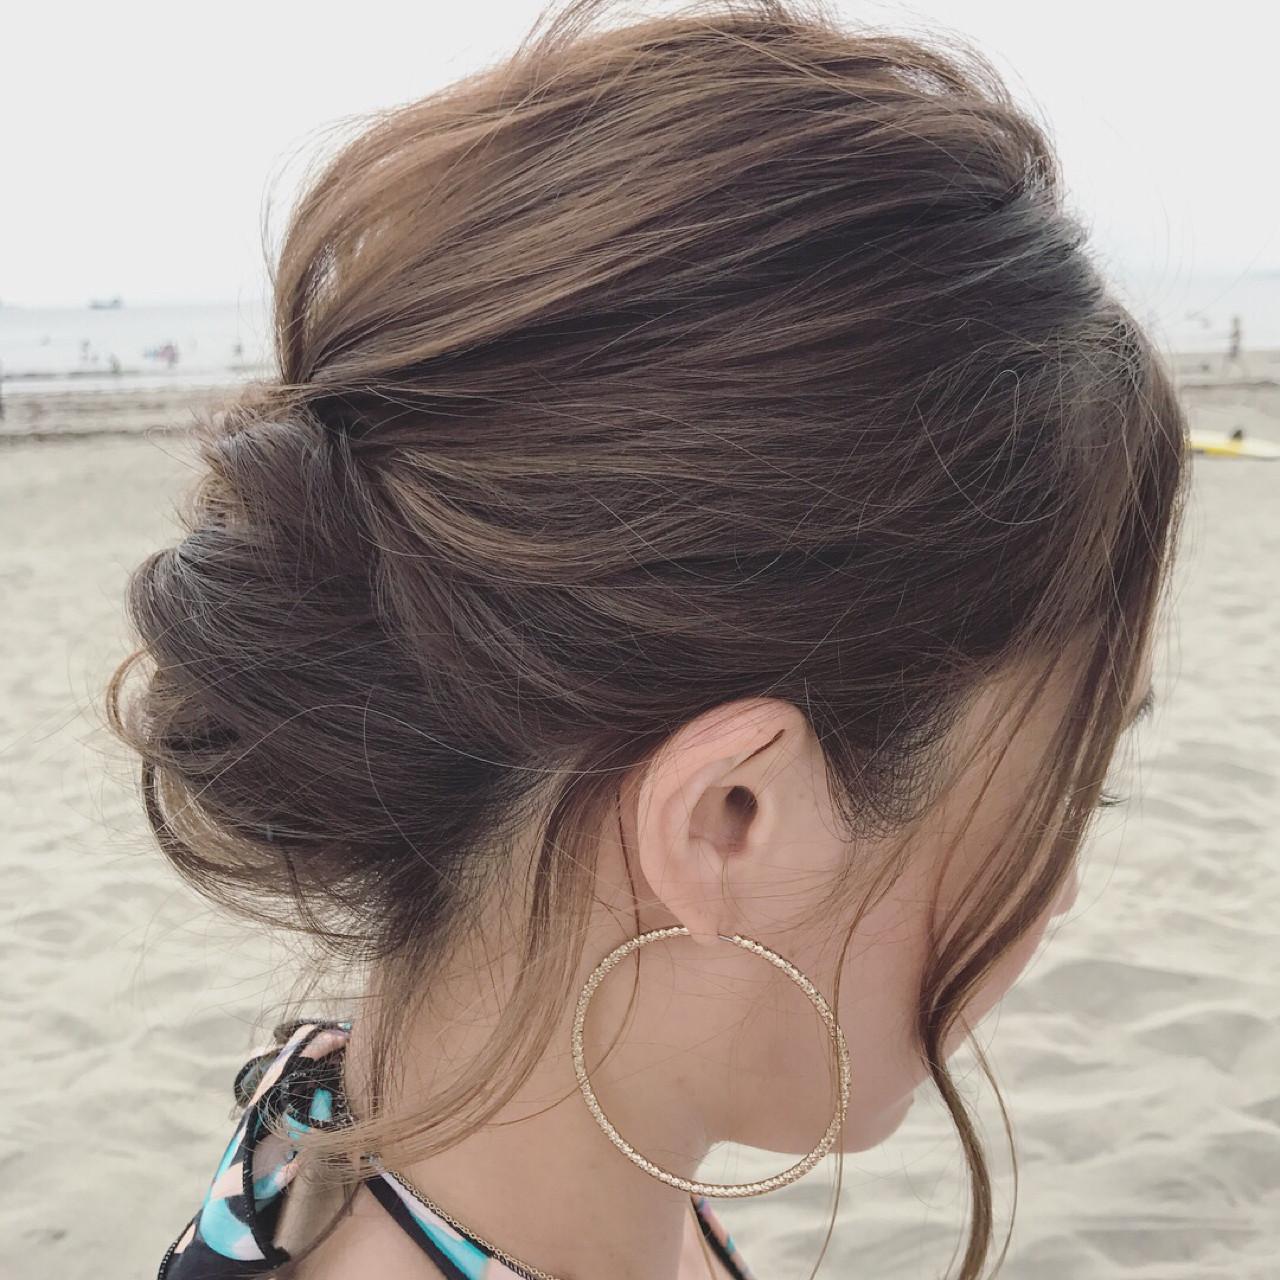 ヘアアレンジ エレガント 上品 秋 ヘアスタイルや髪型の写真・画像